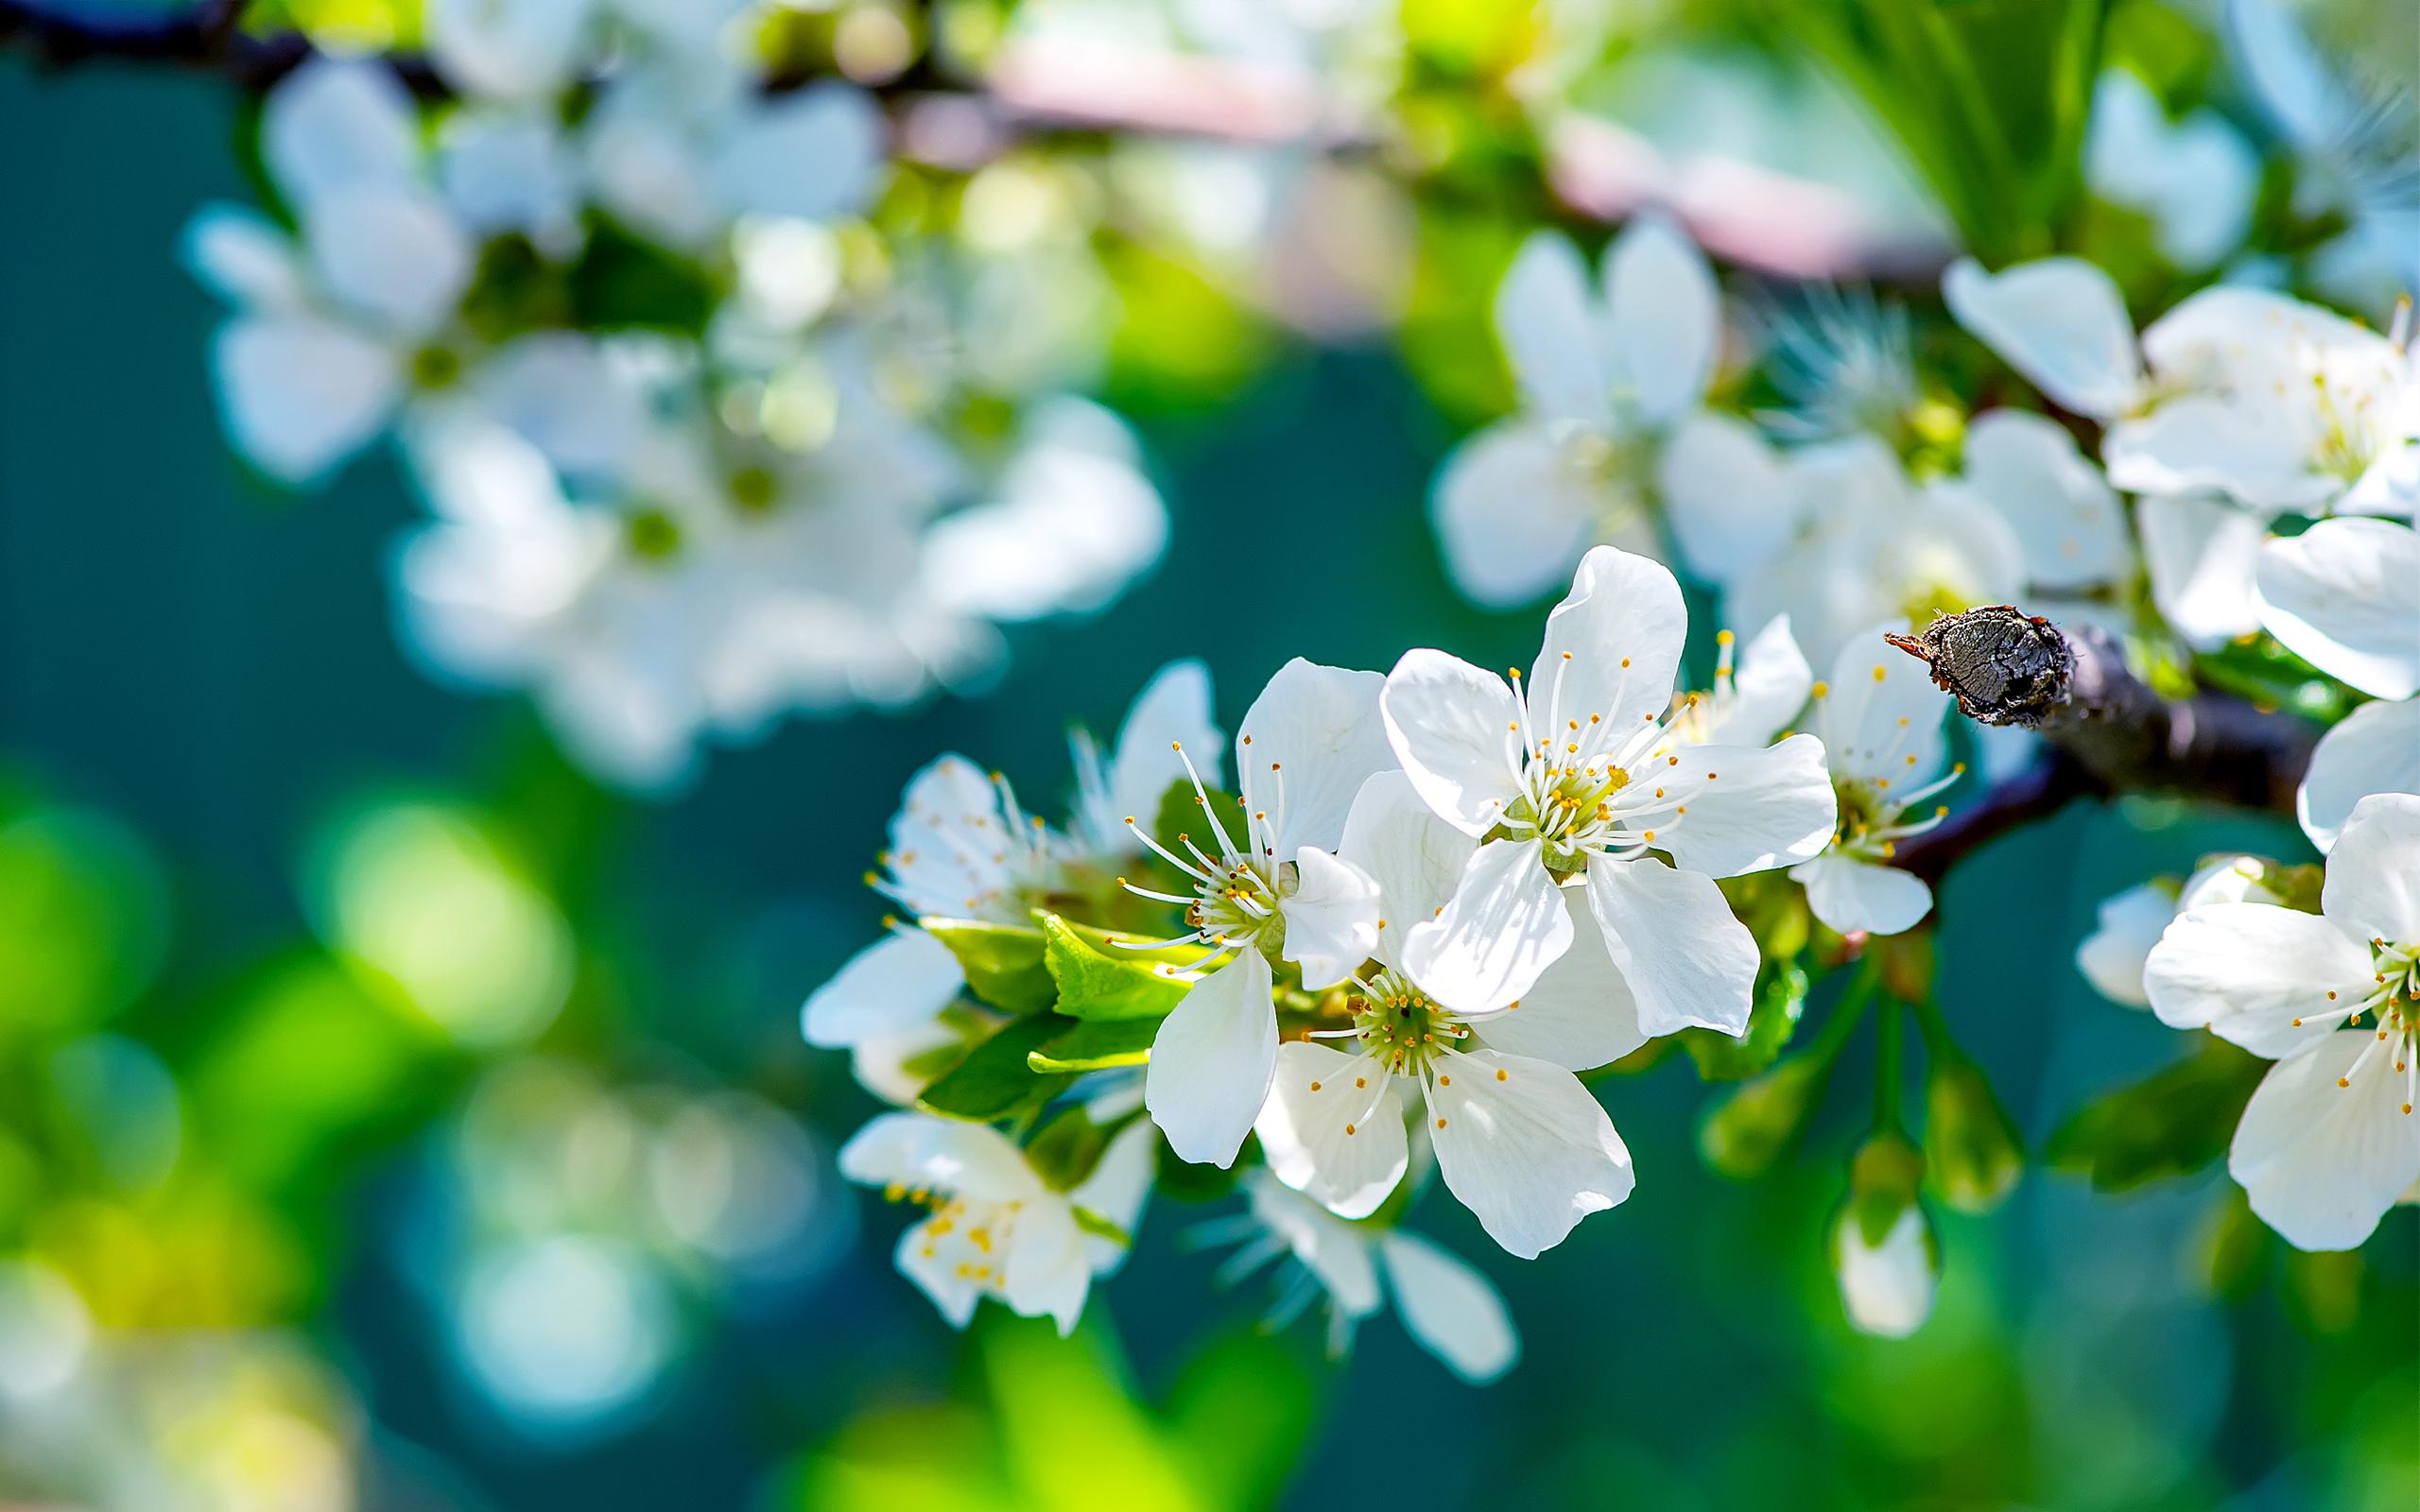 2560x1600px Flowers 2637.43 KB #235354